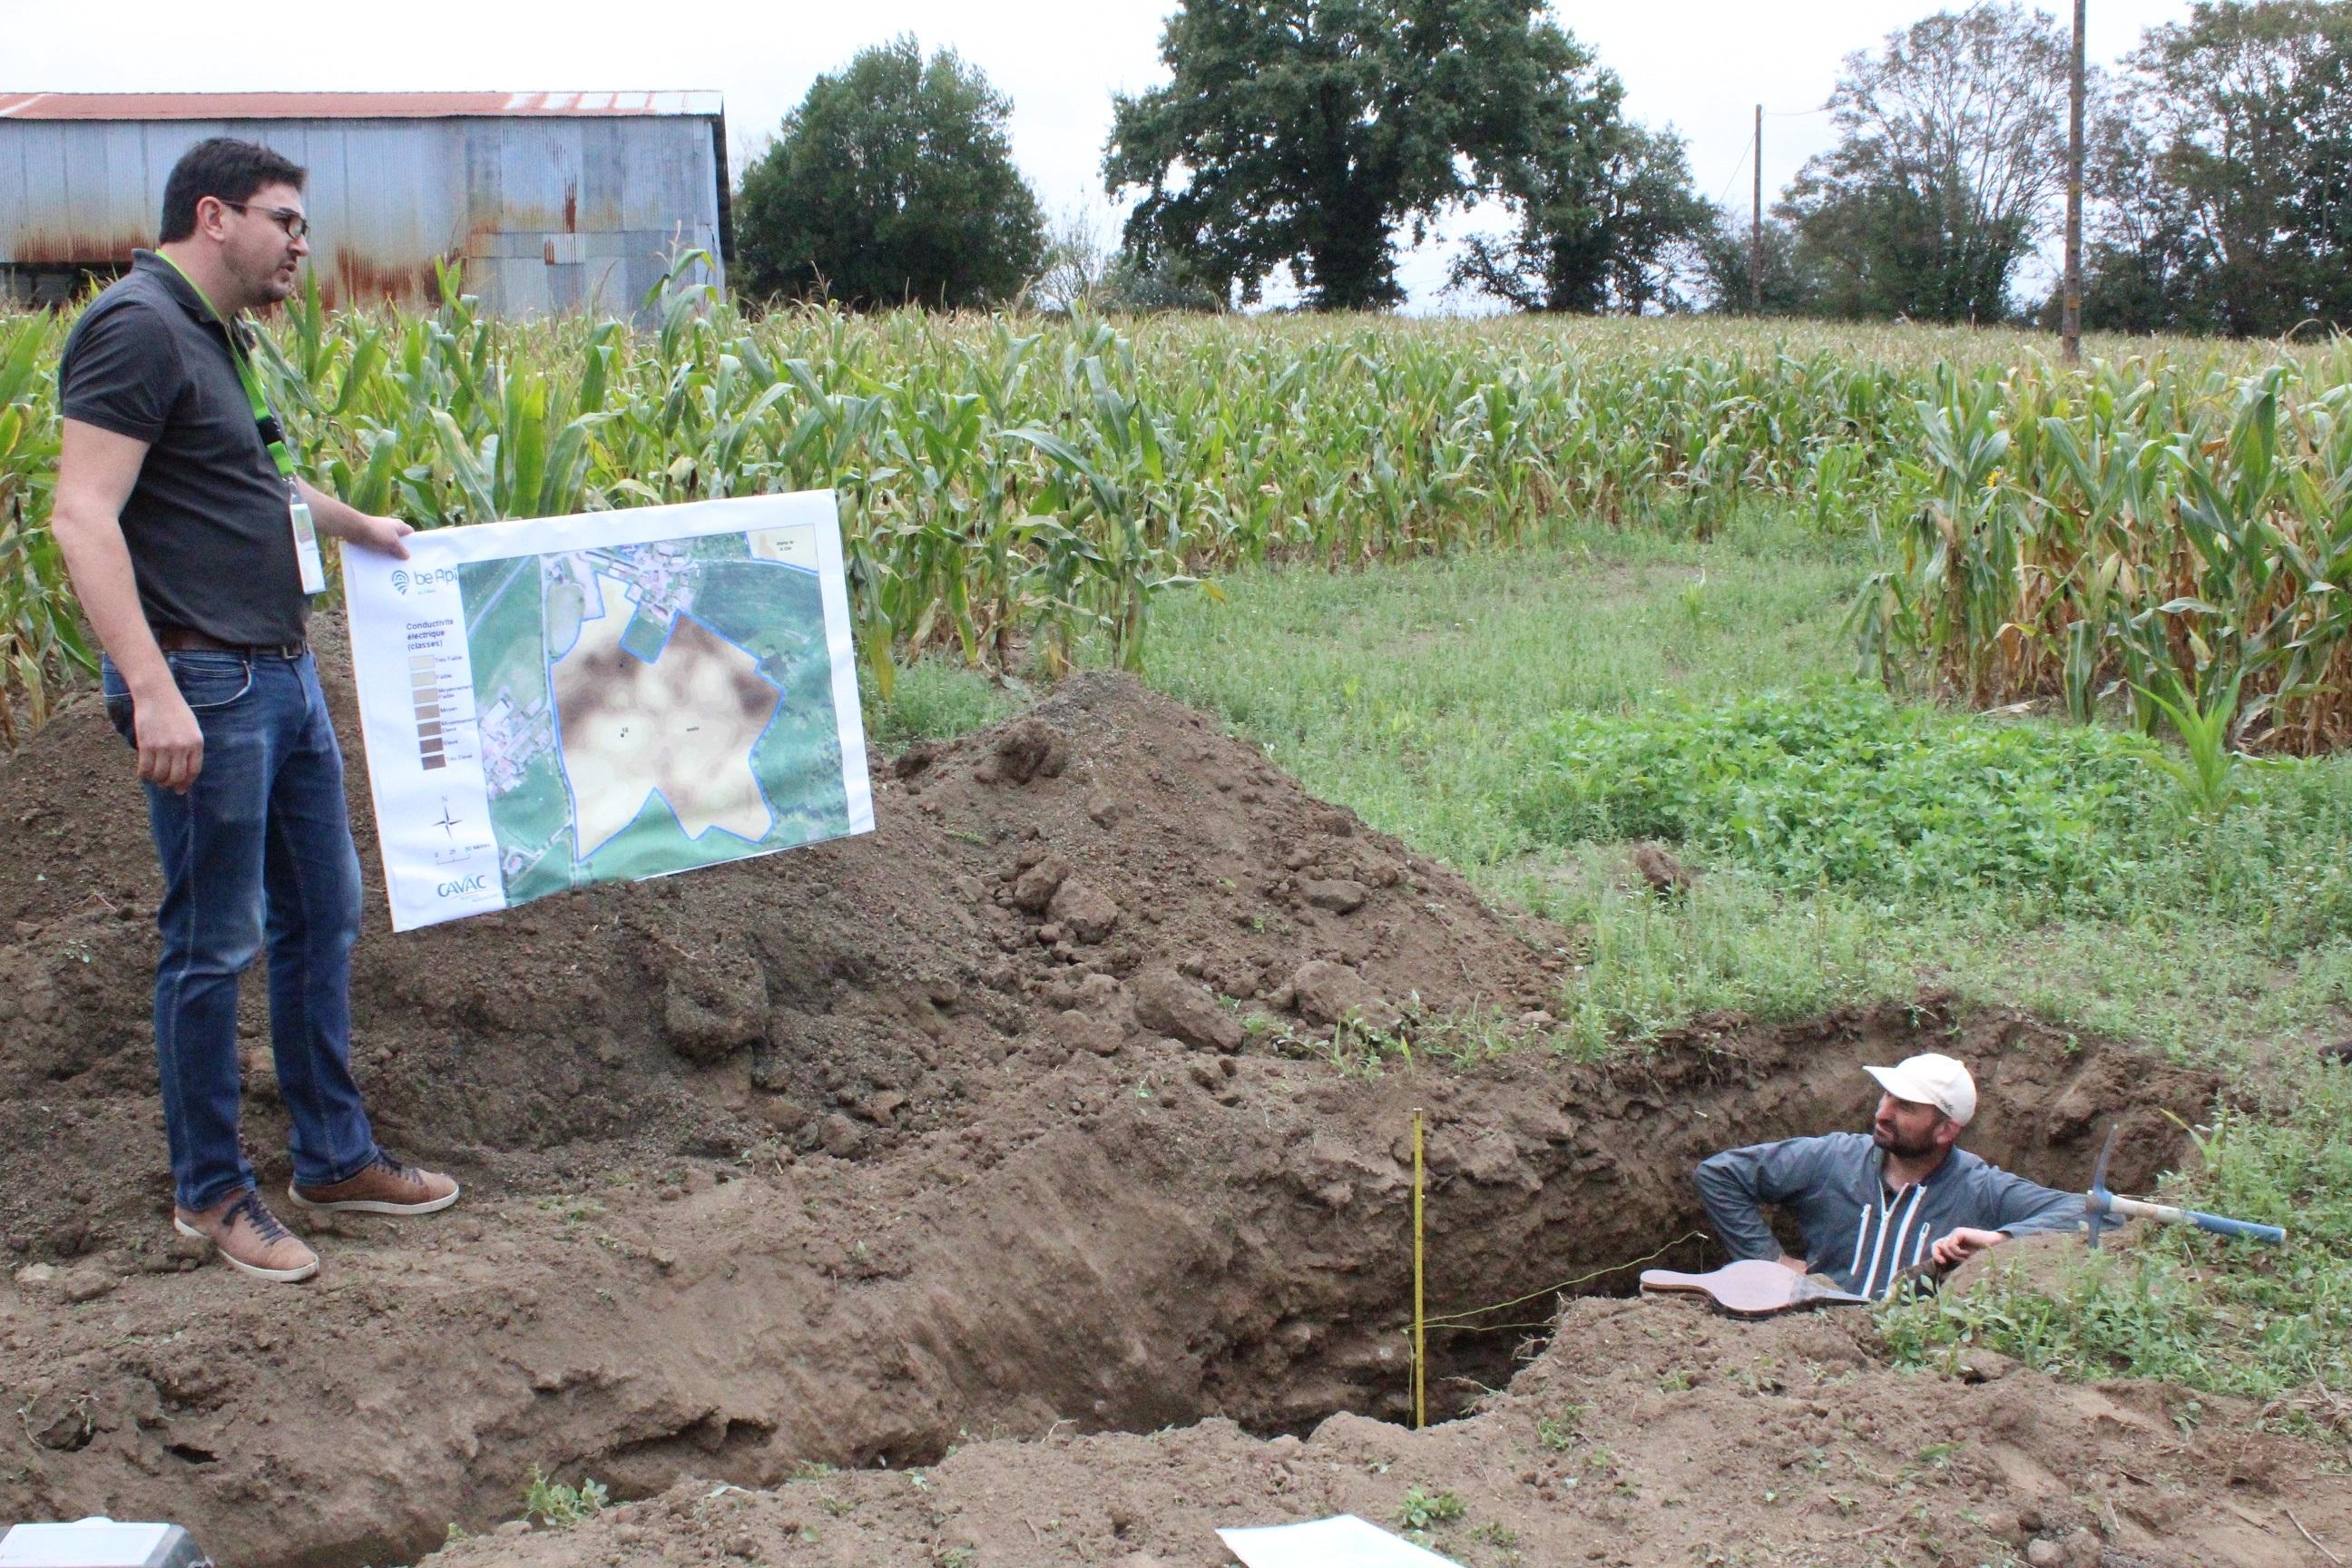 Antoine Moinard, référent Be Api à la Cavac, présente les cartes issues du diagnostic des sols que reçoivent les agriculteurs (crédits photo : Clément Henri)